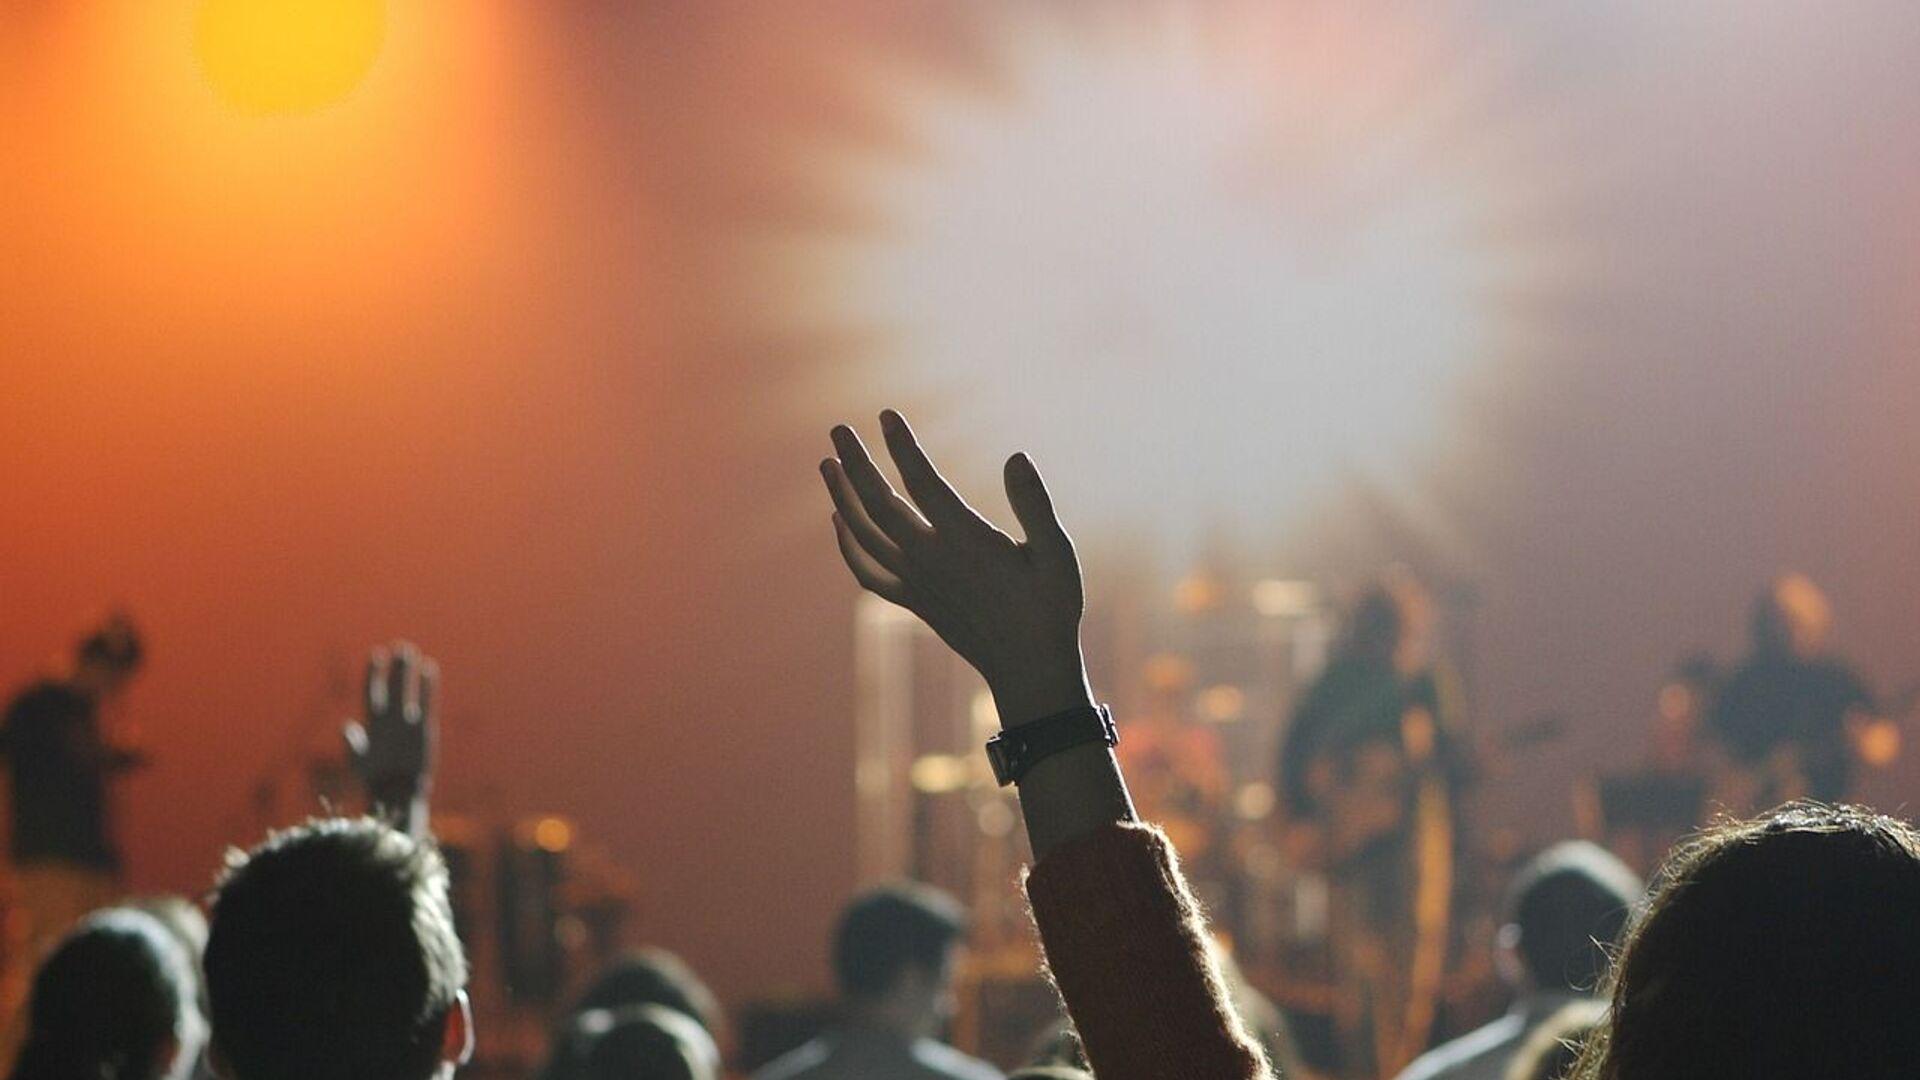 Ragazzi ad un concerto. In un anno di stop le cifre date da Bauli in piazza fotografano un settore in ginocchio: -89% concerti dal vivo. - Sputnik Italia, 1920, 03.06.2021